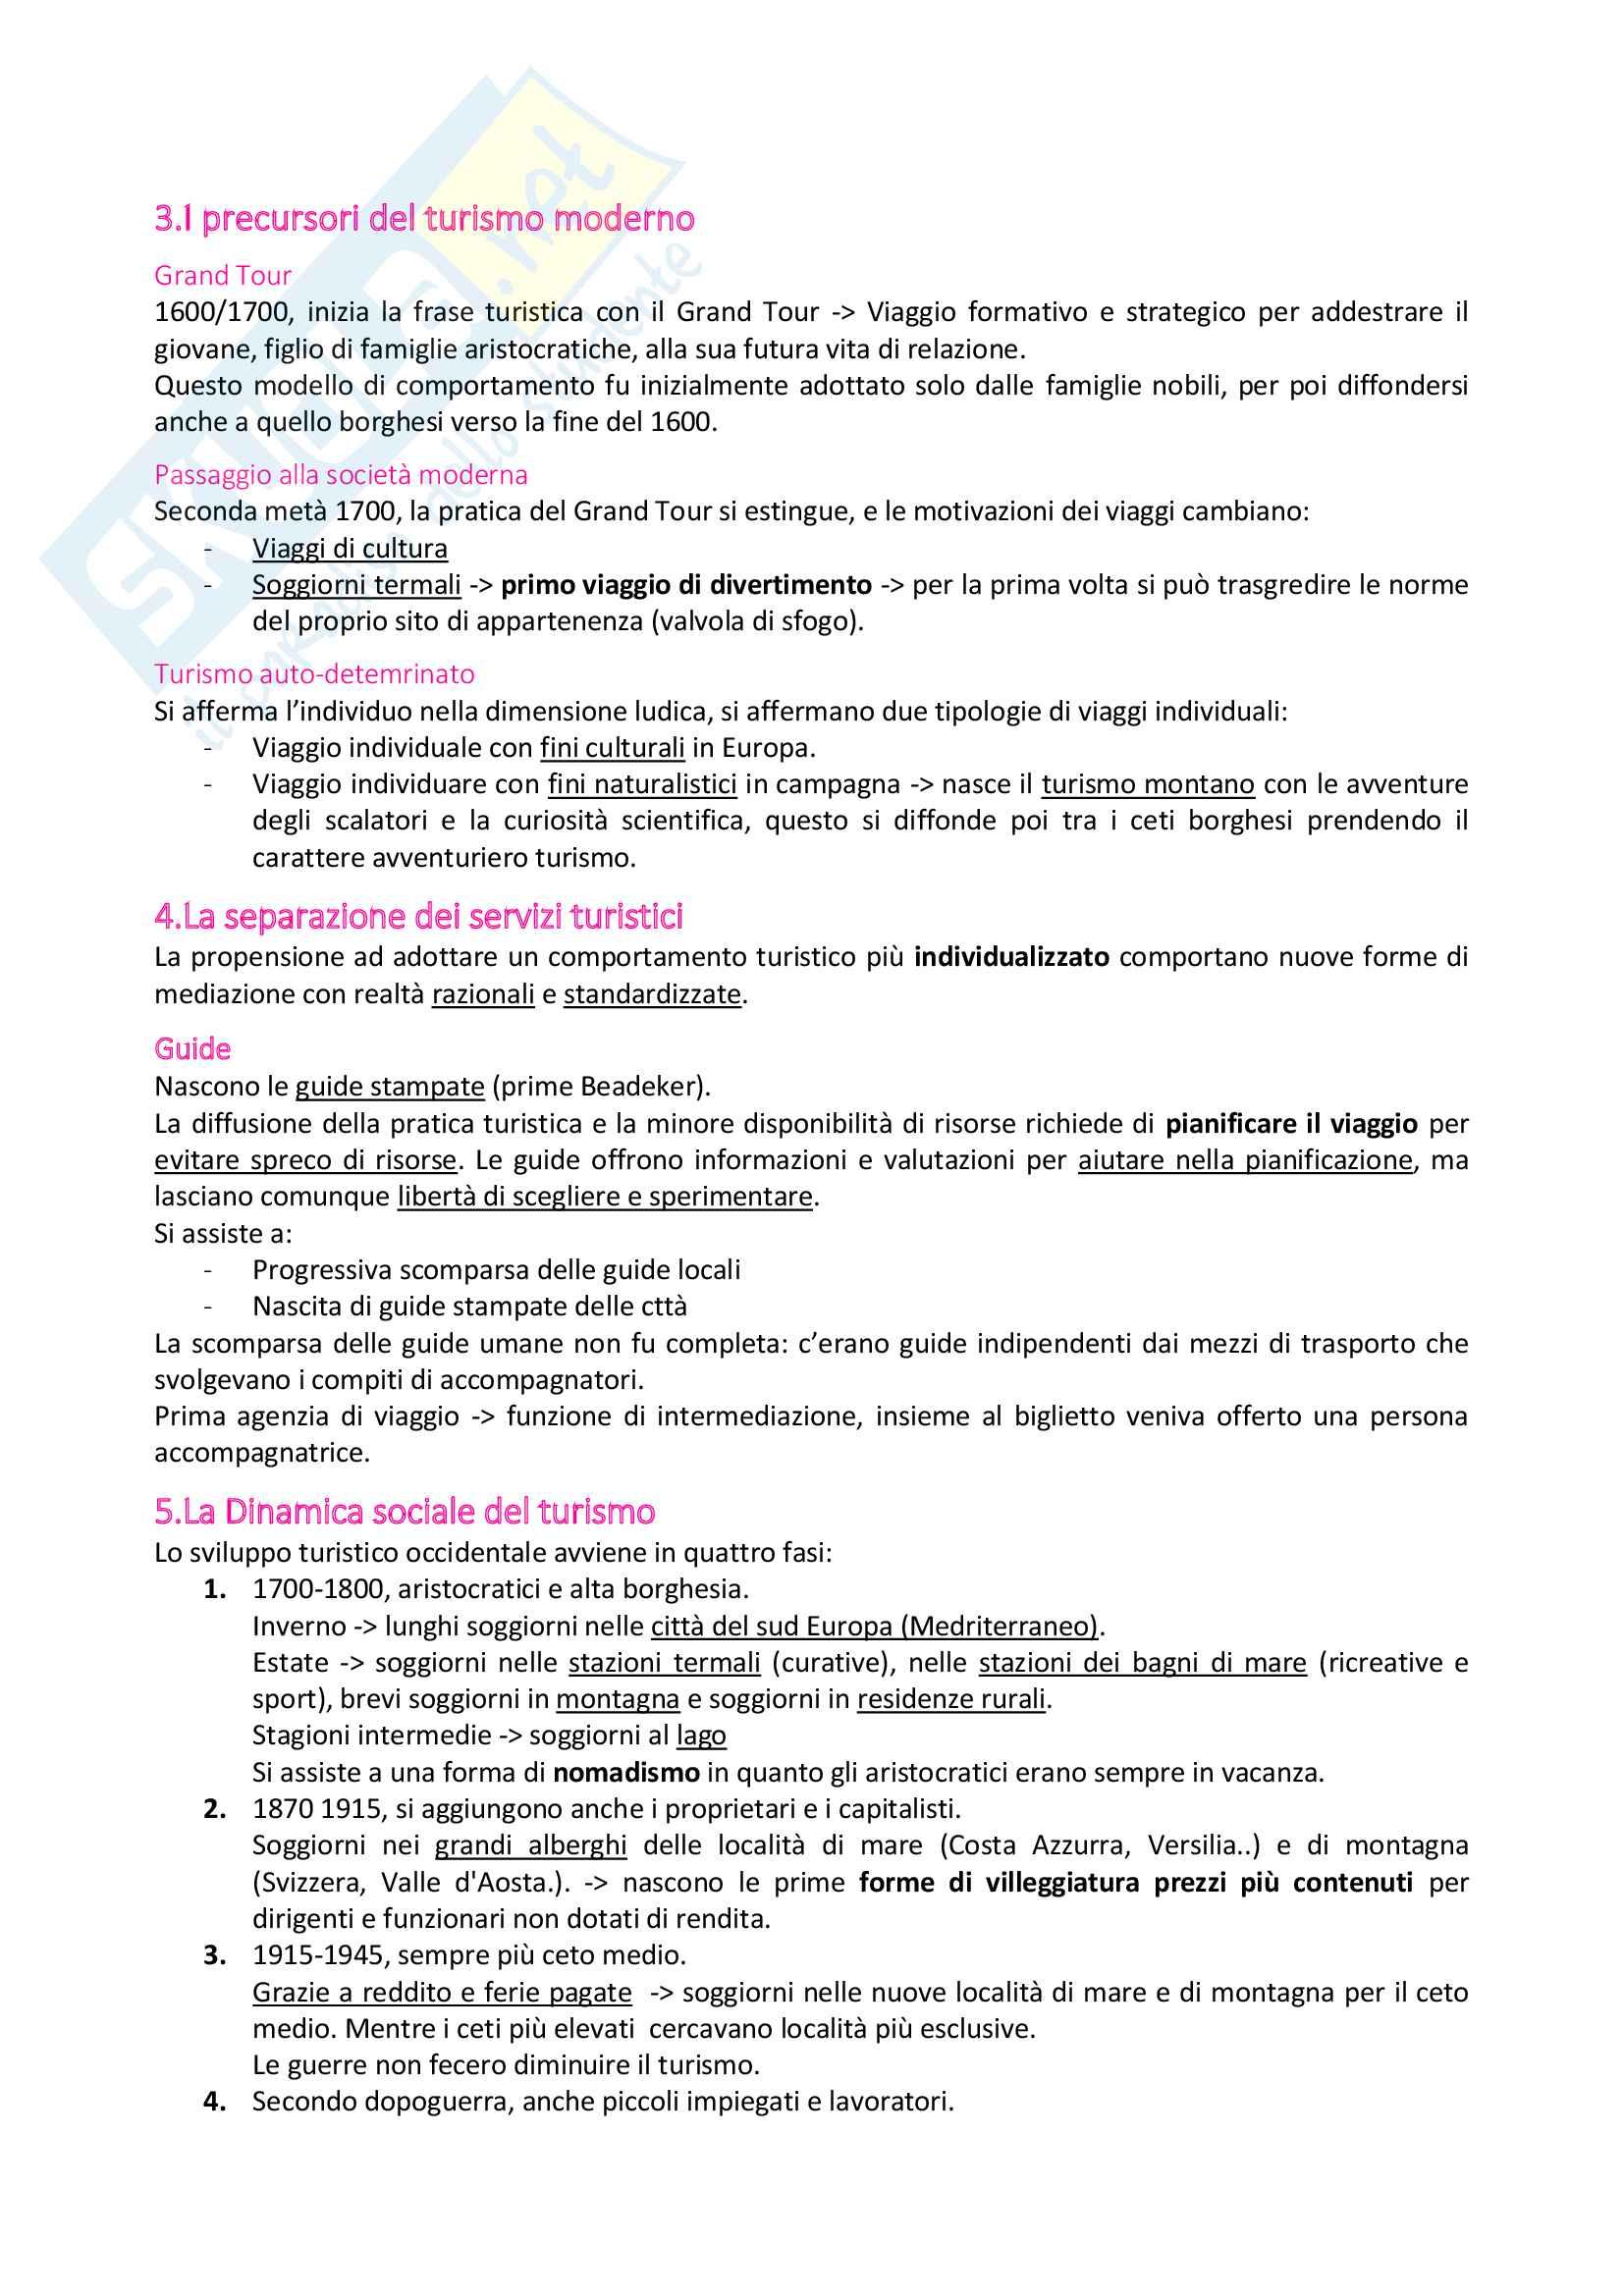 Riassunto Turismo e comunità locale: Modulo Sociologia del Turismo Pag. 26